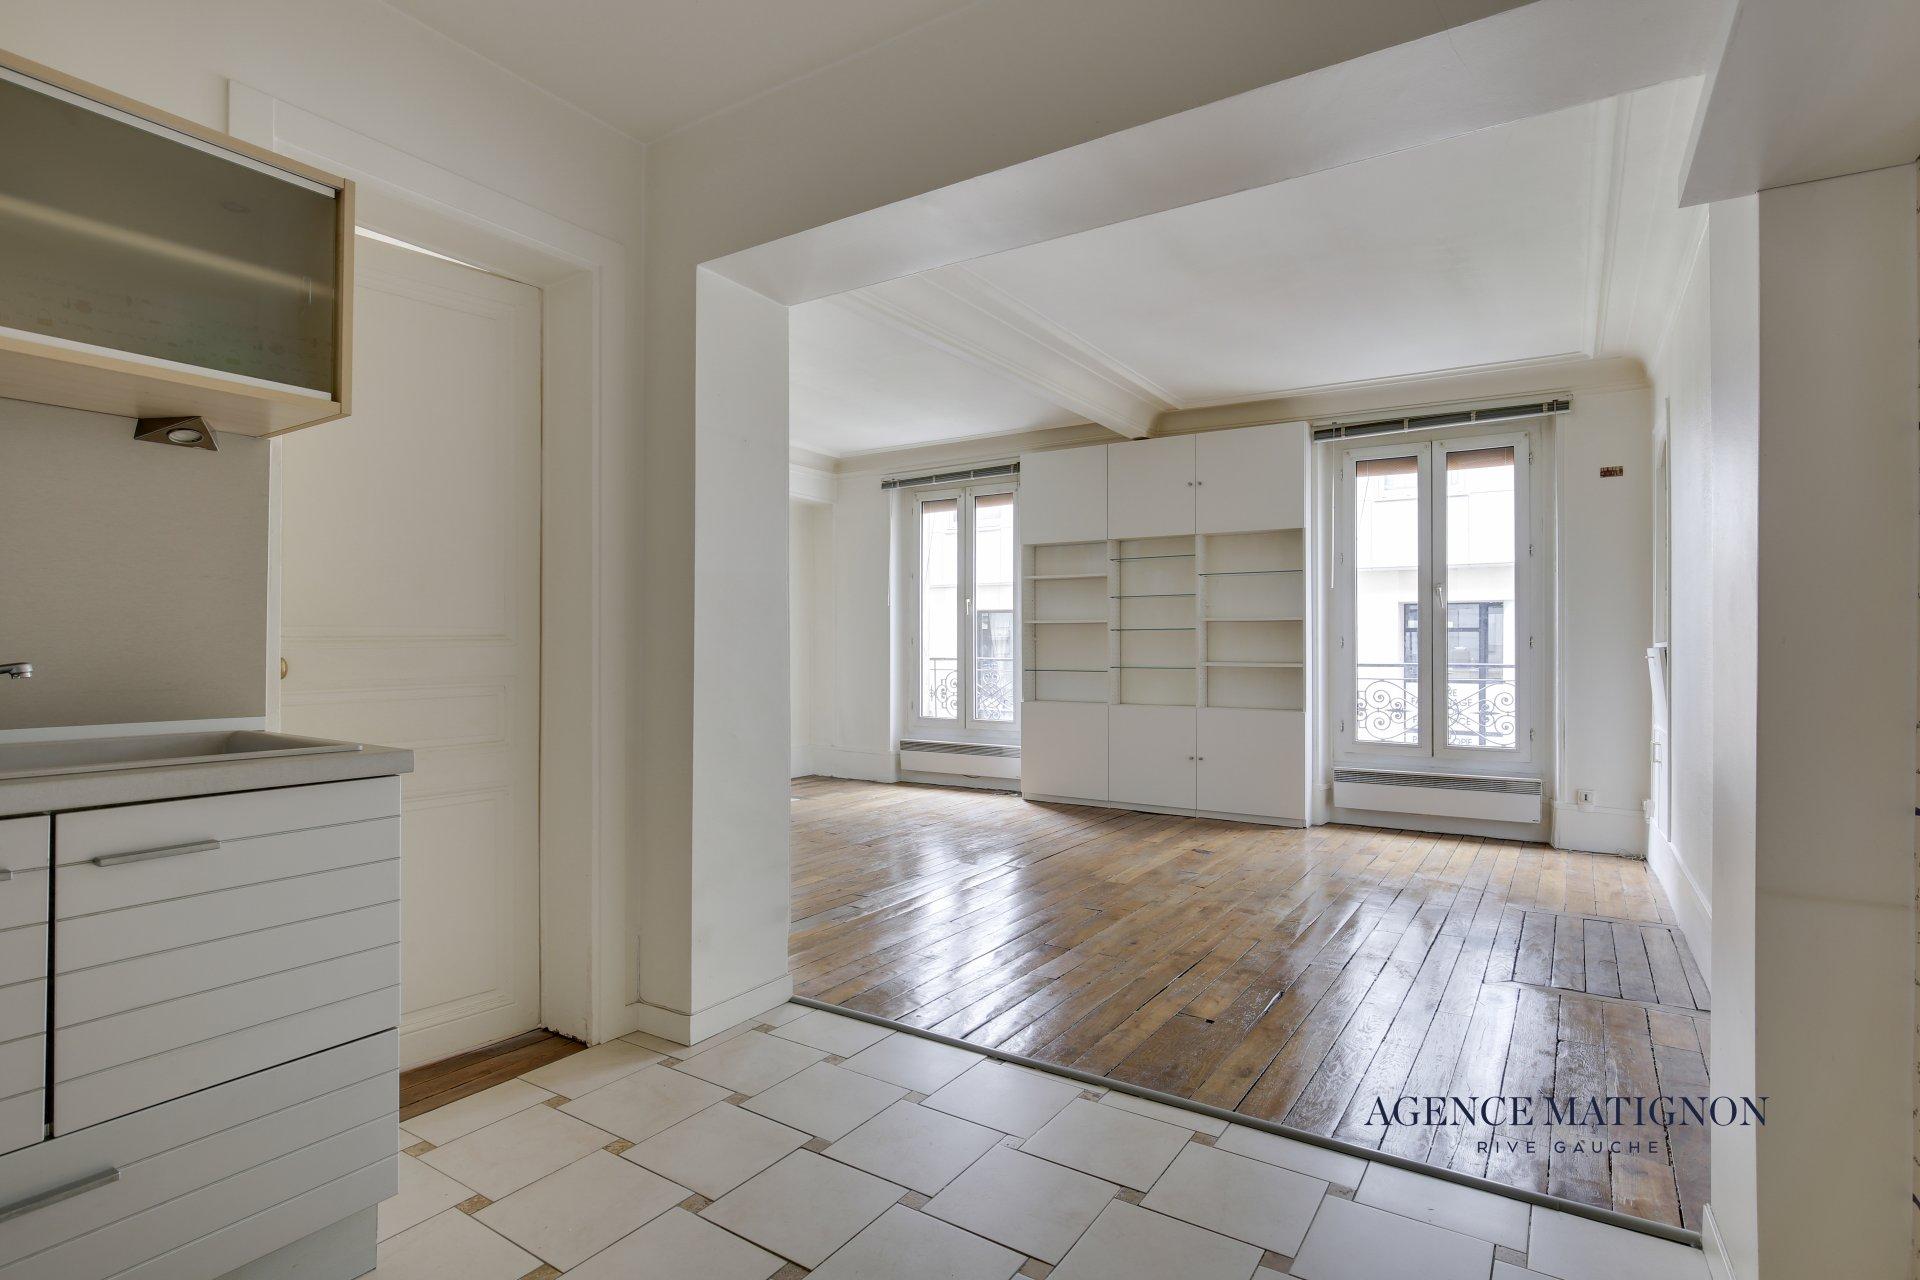 Appartement 2 pièces 47 m² 75018